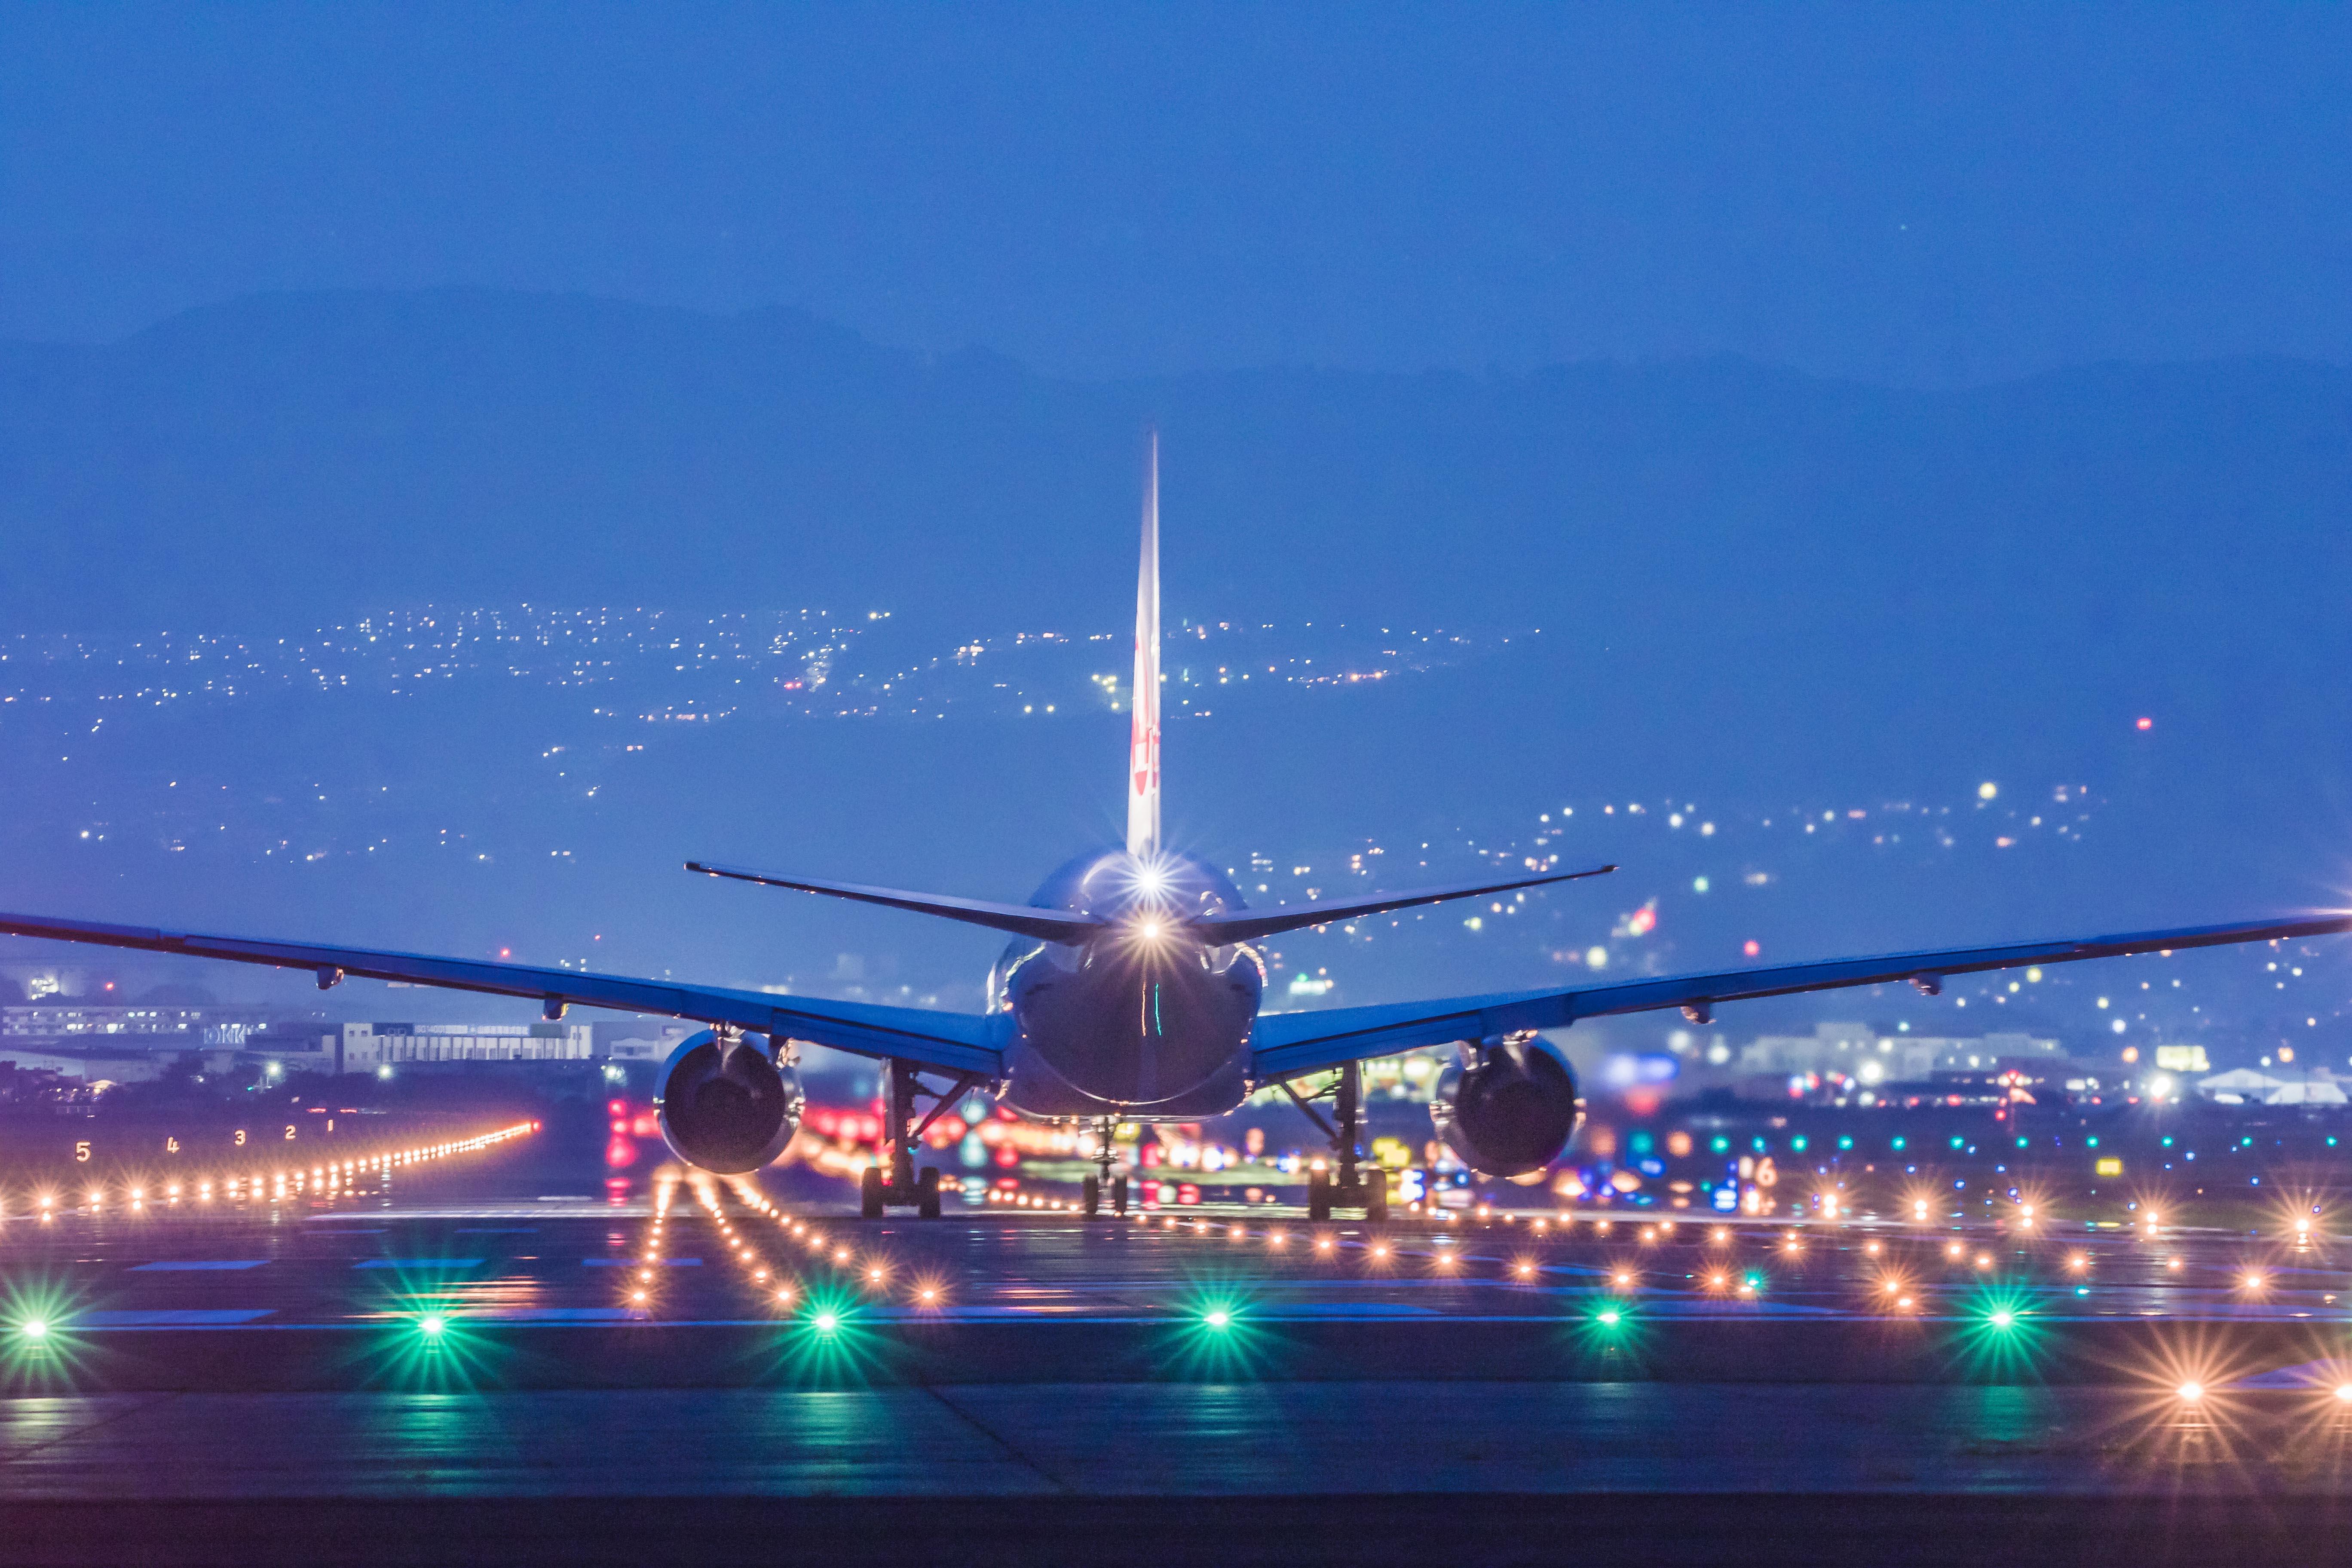 Нужна ли квитанция нсли прошел электронную регистрацию на самолет